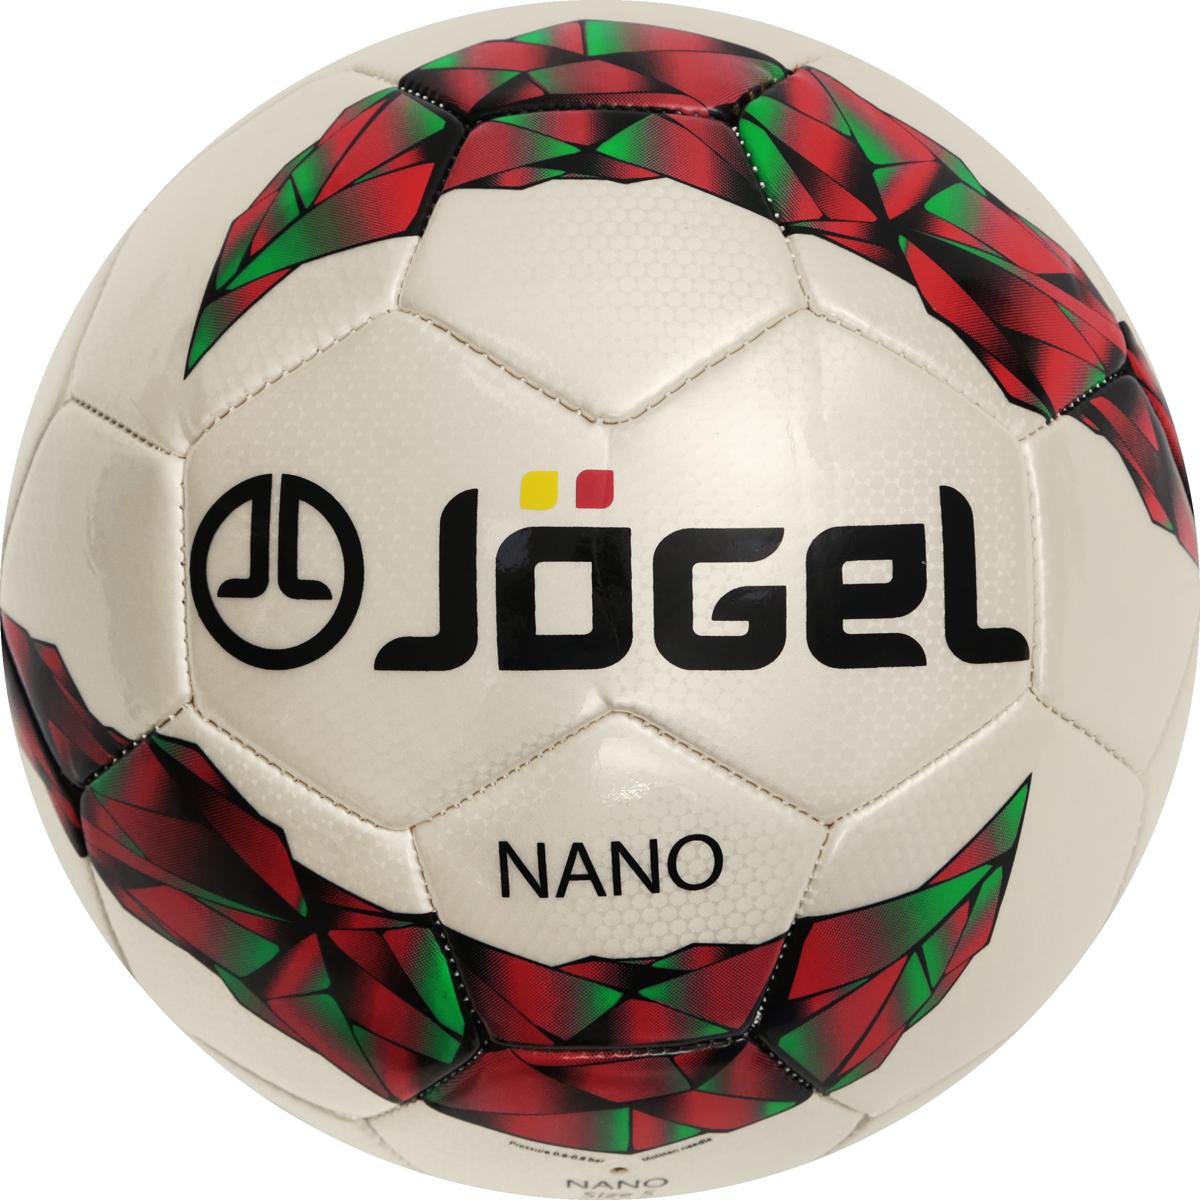 Мяч футбольный Jogel Nano, цвет: белый, красный, зеленый. Размер 5. JS-200УТ-00009334Популярный футбольный мяч Jogel JS-200 Nano неприхотлив к игровым поверхностям. Мяч предназначен для любительских игр и тренировок любительских команд.Поверхность мяча выполнена из синтетической кожи (поливинилхлорид) толщиной 2,7 мм. Мяч имеет 2 подкладочных слоя и оснащен бутиловой камерой, обеспечивающим долгое сохранение воздуха в камере. По своим характеристикам подходит как детям, так и взрослым. Мяч не рекомендован для игры при низких температурах (ниже +5°С).Вес: 410-450 гр.Длина окружности: 68-70 см.Рекомендованное давление: 0.4-0.6 бар.УВАЖАЕМЫЕ КЛИЕНТЫ!Обращаем ваше внимание на тот факт, что мяч поставляется в сдутом виде. Насос в комплект не входит.